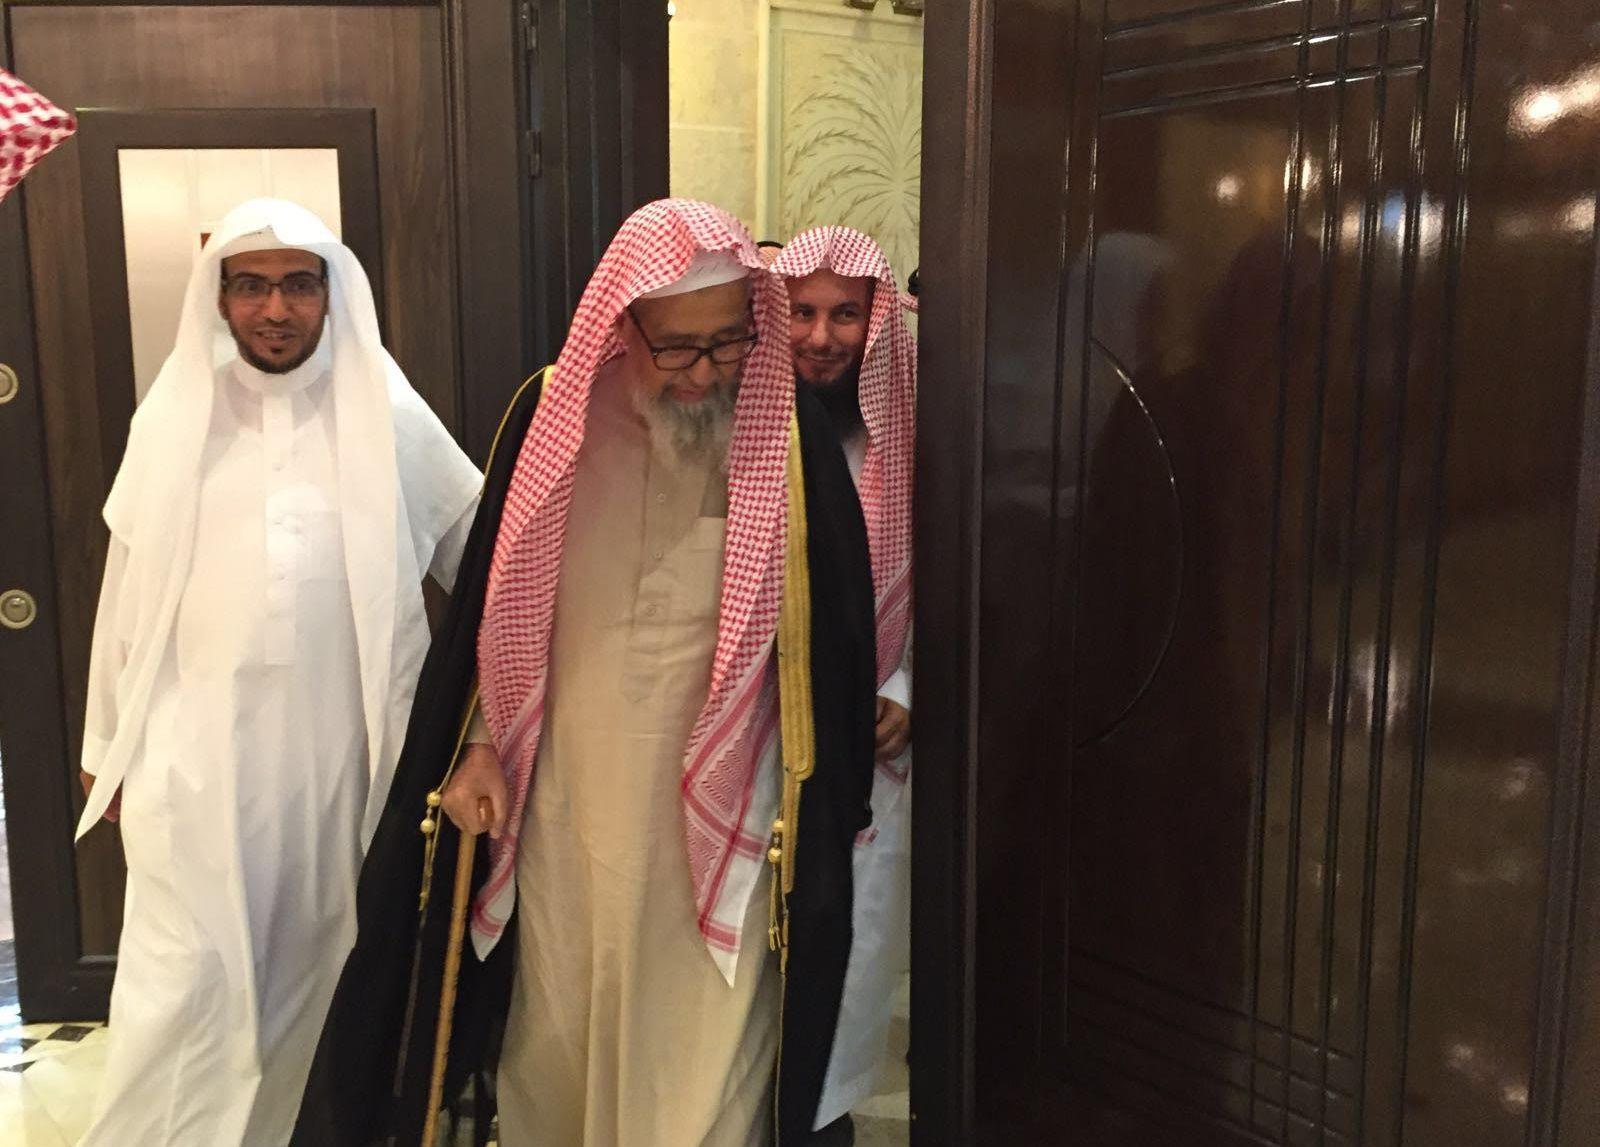 المغامسي يستقبل الشيخ صالح الفوزان (2)